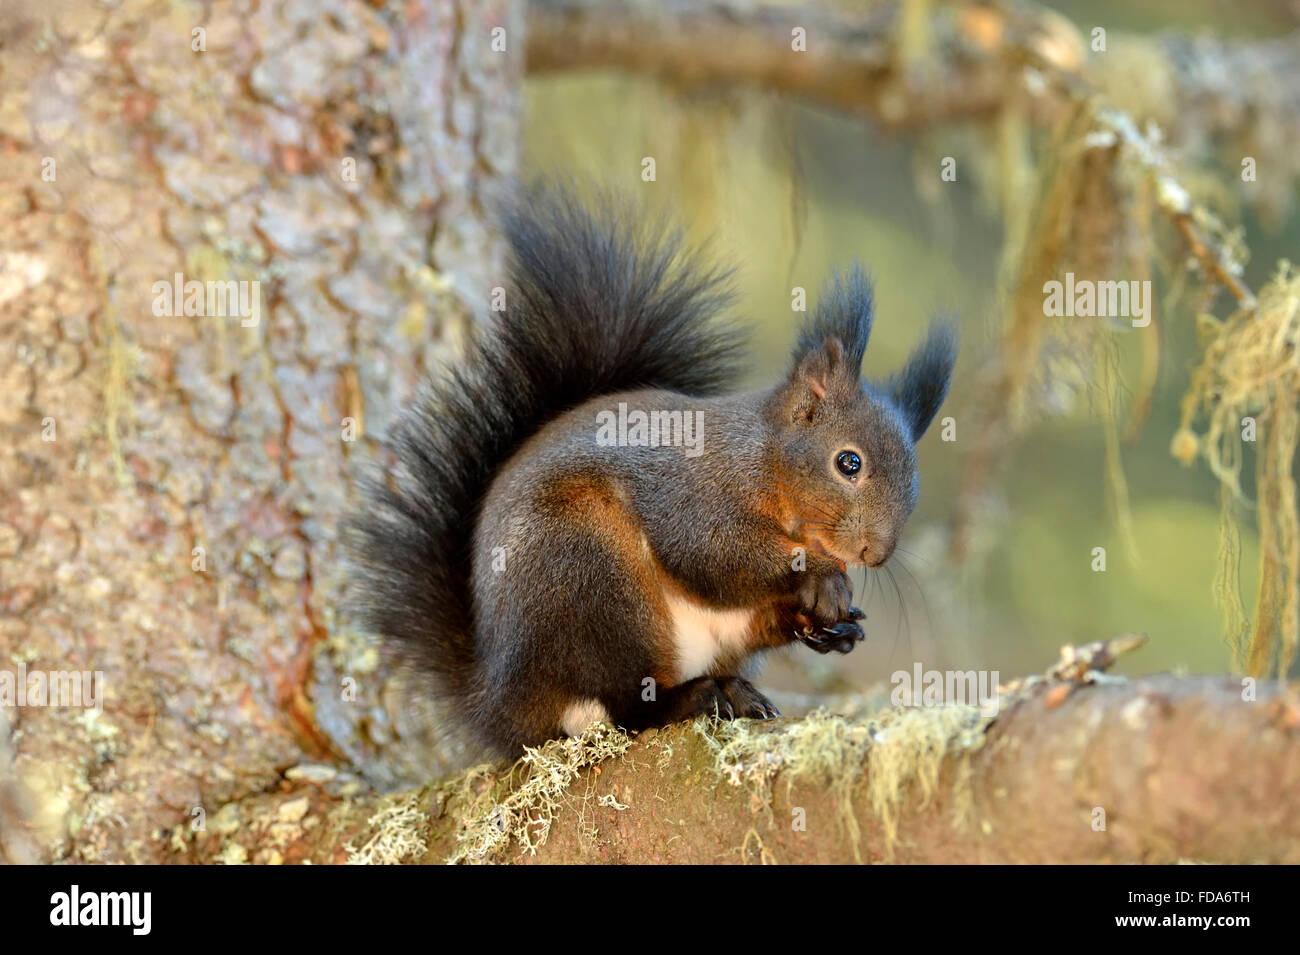 Eichhörnchen (Sciurus Vulgaris) sitzend auf Ast, Kanton Graubünden, Schweiz Stockbild